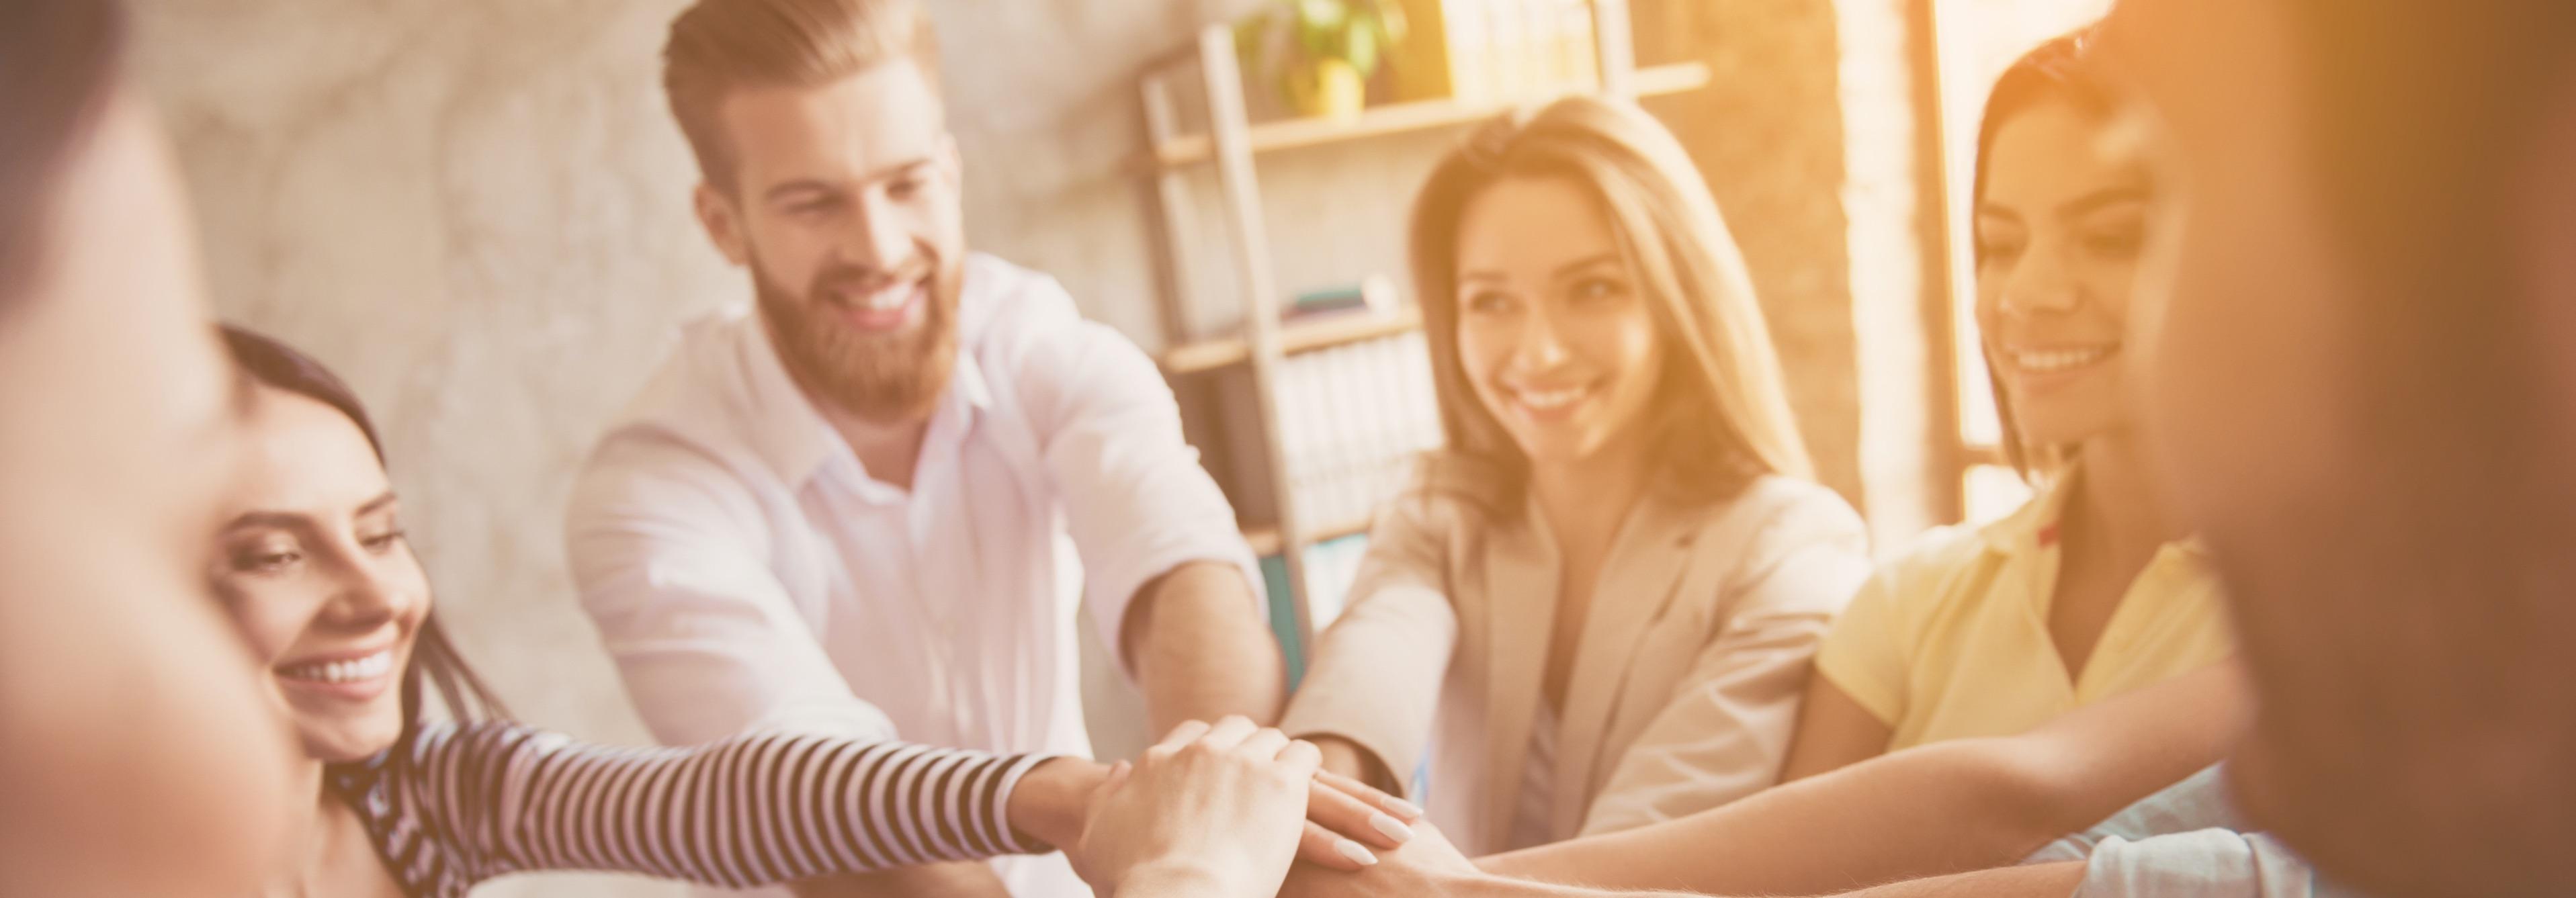 Neben unseren Standardschulungen realisieren wir kundenspezifische Seminare, ausgerichtet an den Zielsetzungen des Kunden und den Voraussetzungen.